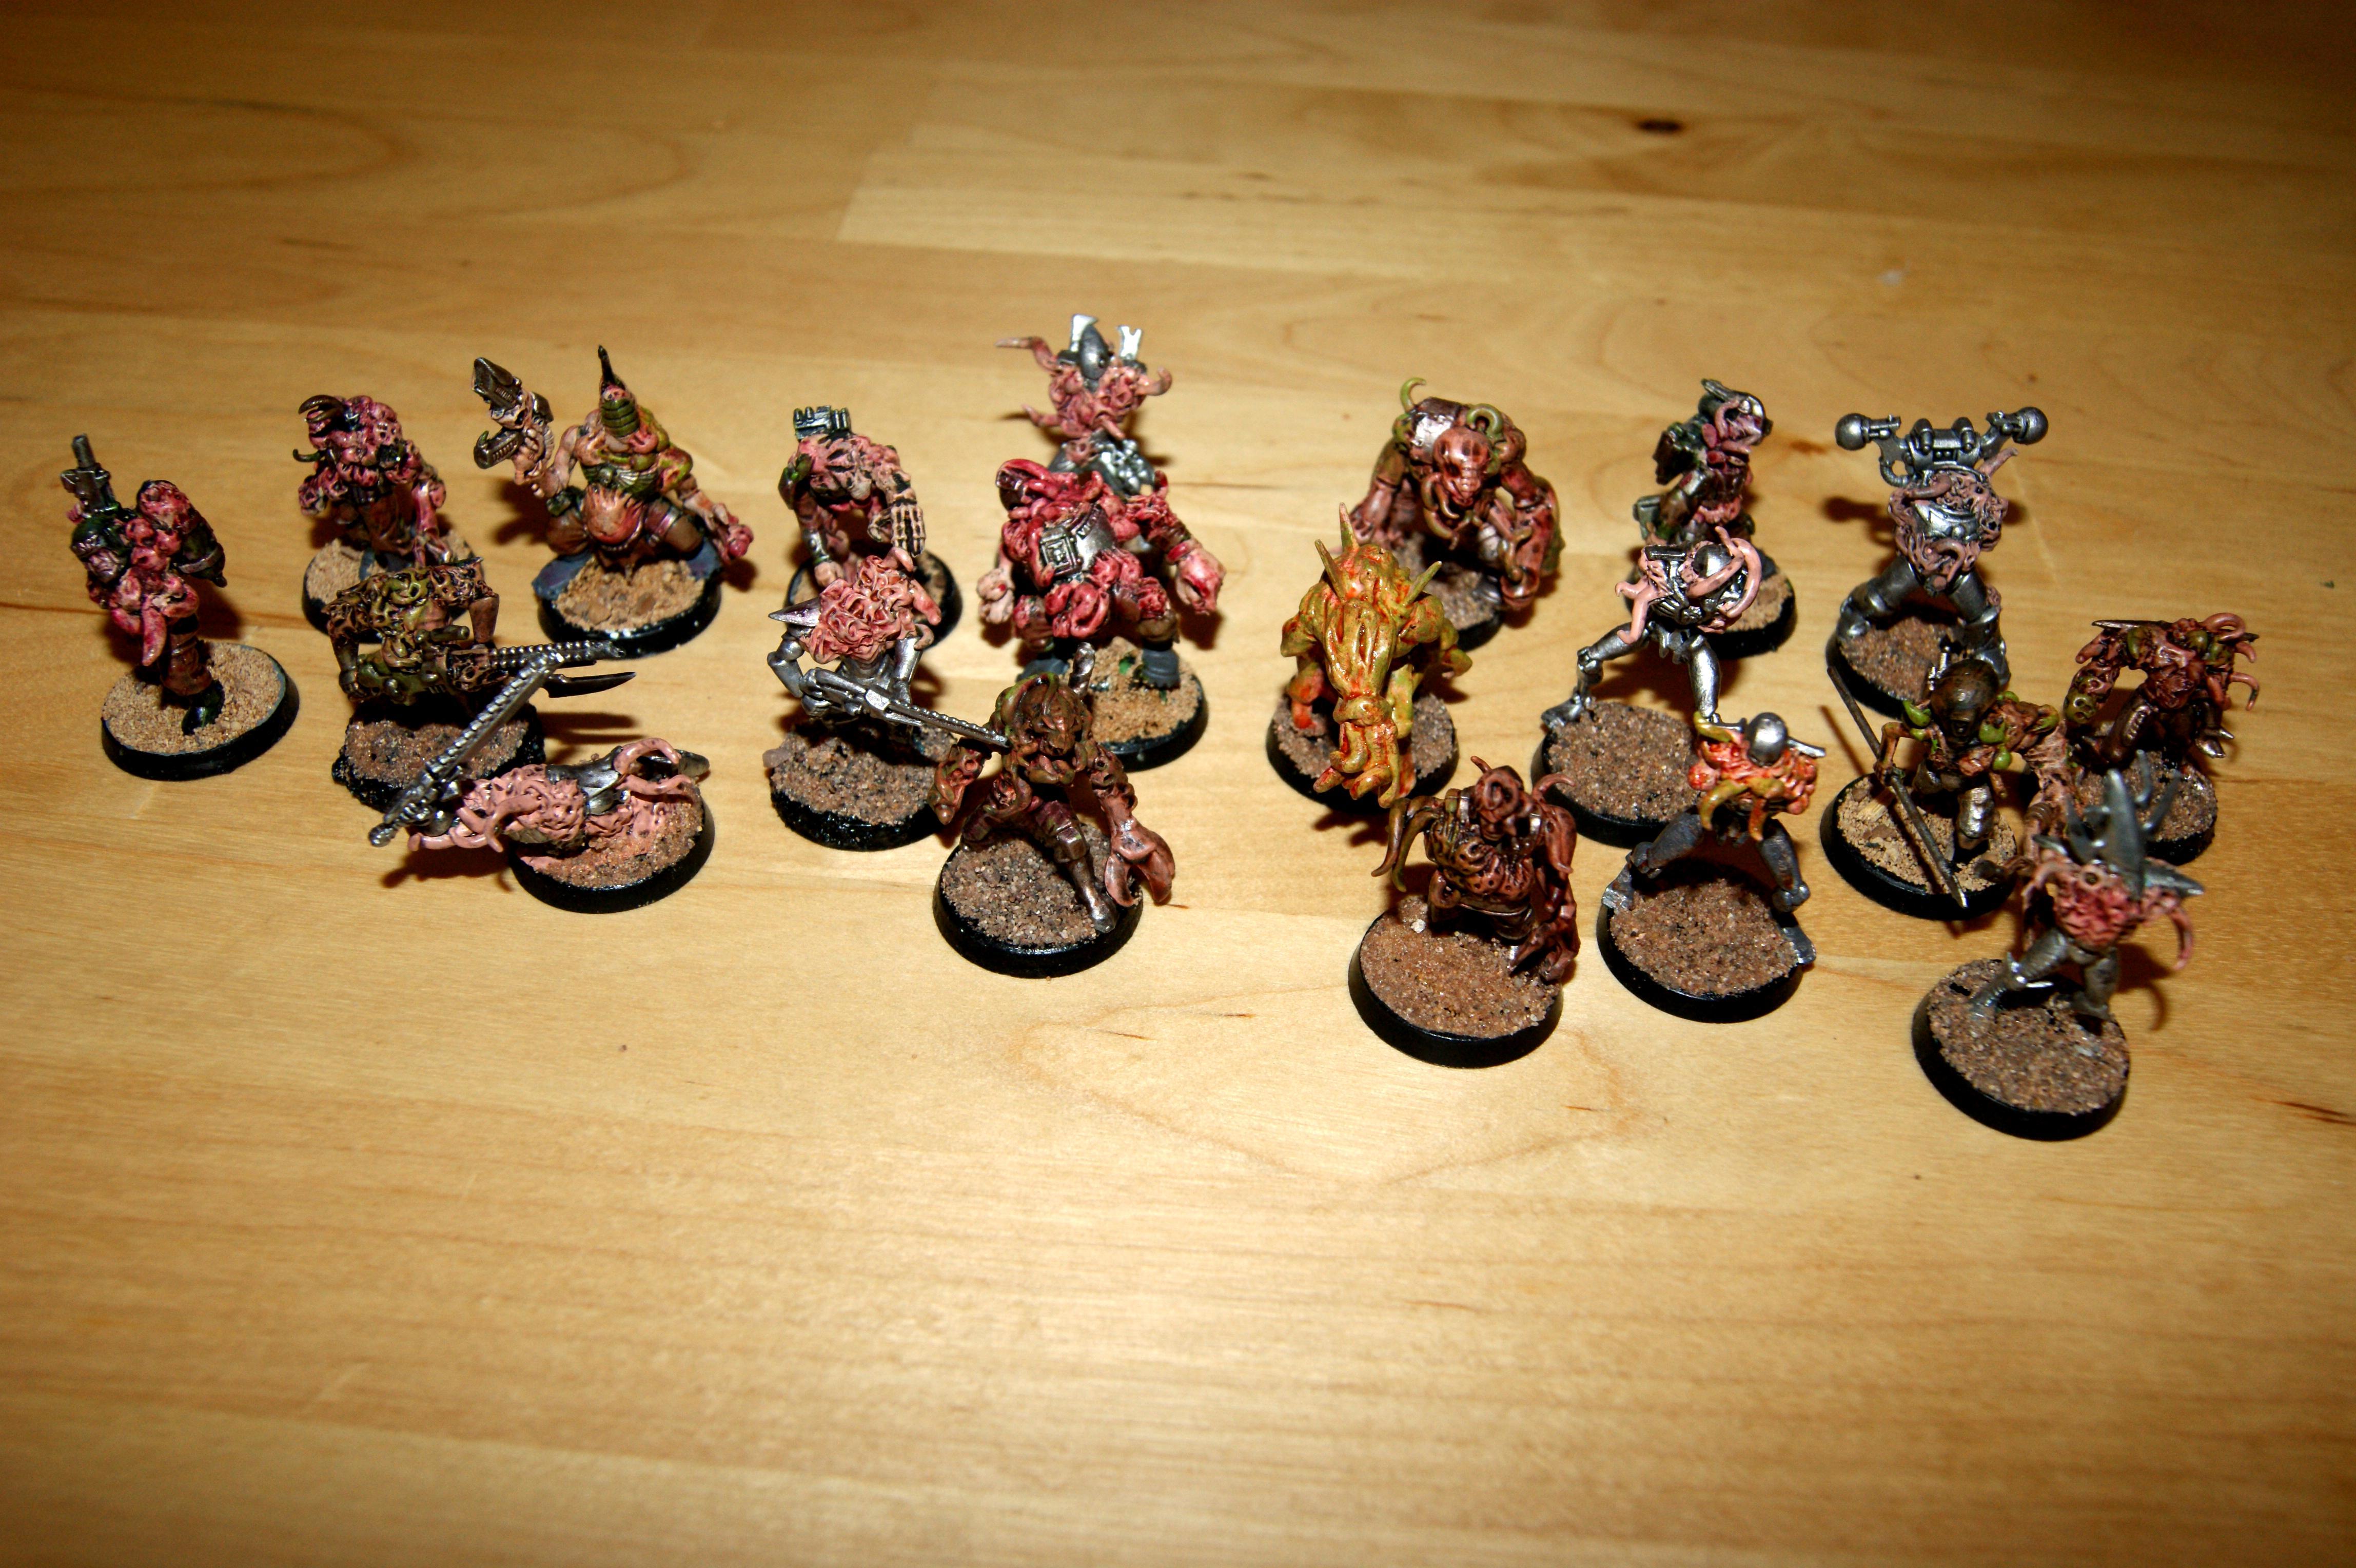 Chaos, Plague Zombies, Scratch Build, Sculpted, Warhammer 40,000, Warhammer Fantasy